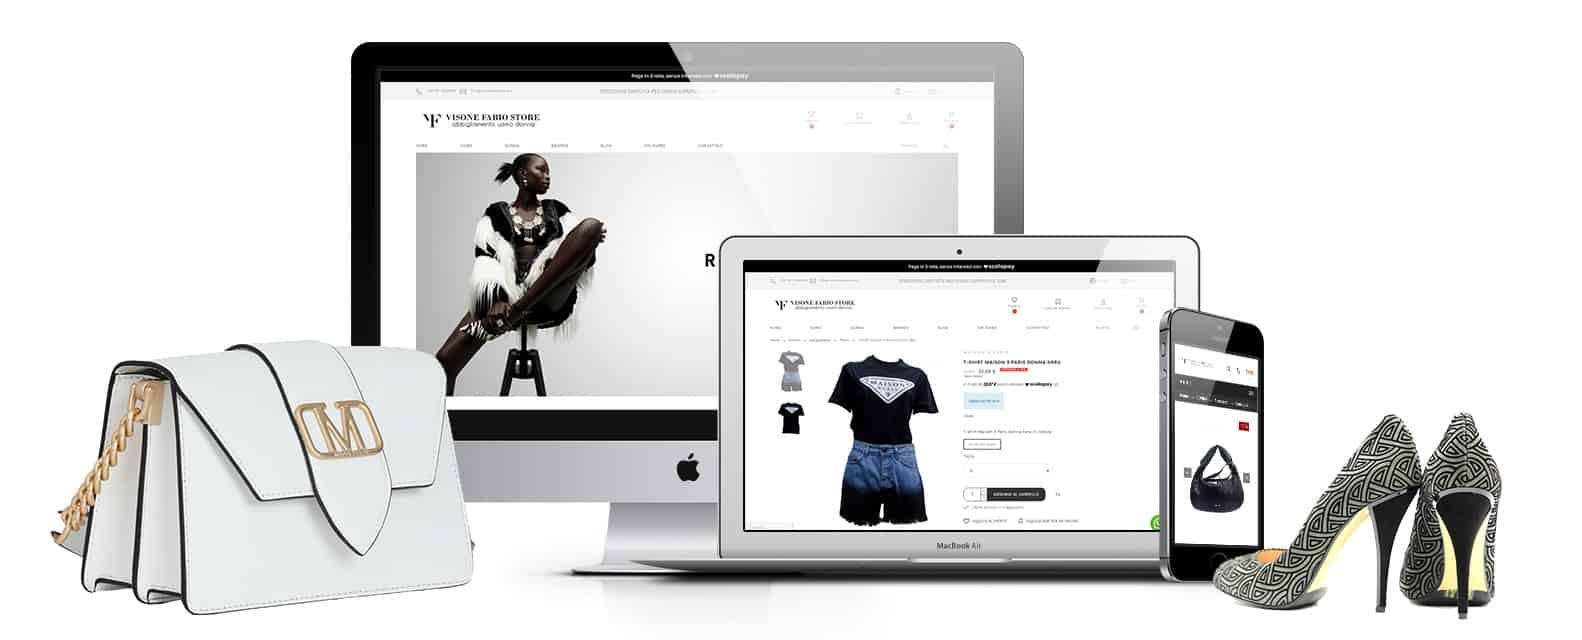 visonefabiostore negozio abbigliamento napoli - Ecommerce abbigliamento uomo,donna,   Visone Fabio Store - Web Agency Napoli Flashex